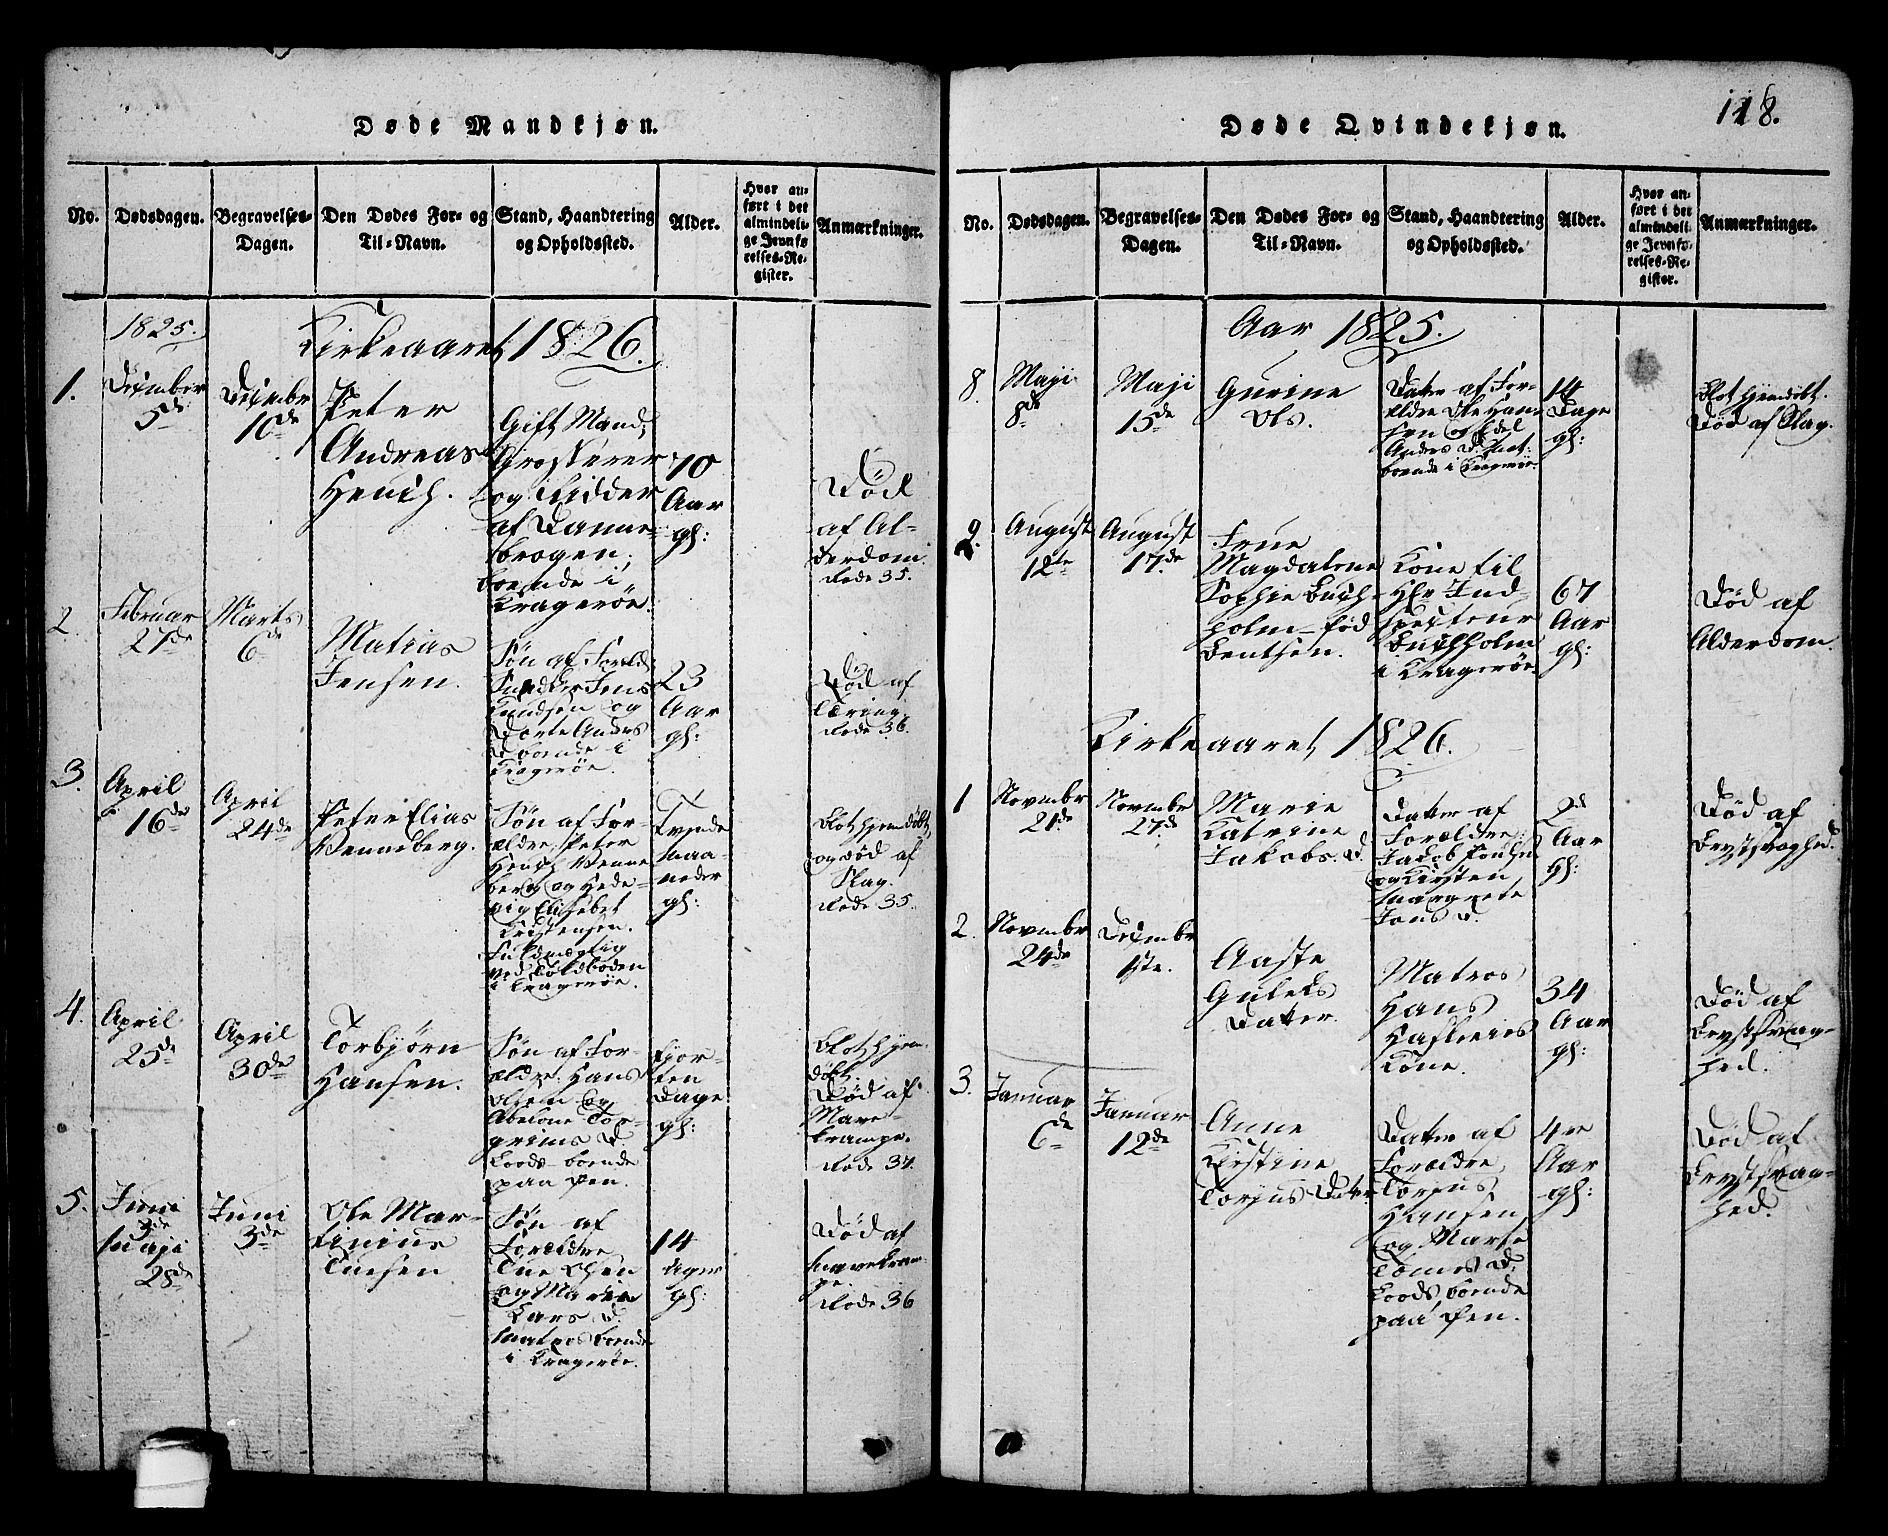 SAKO, Kragerø kirkebøker, G/Ga/L0002: Klokkerbok nr. 2, 1814-1831, s. 118